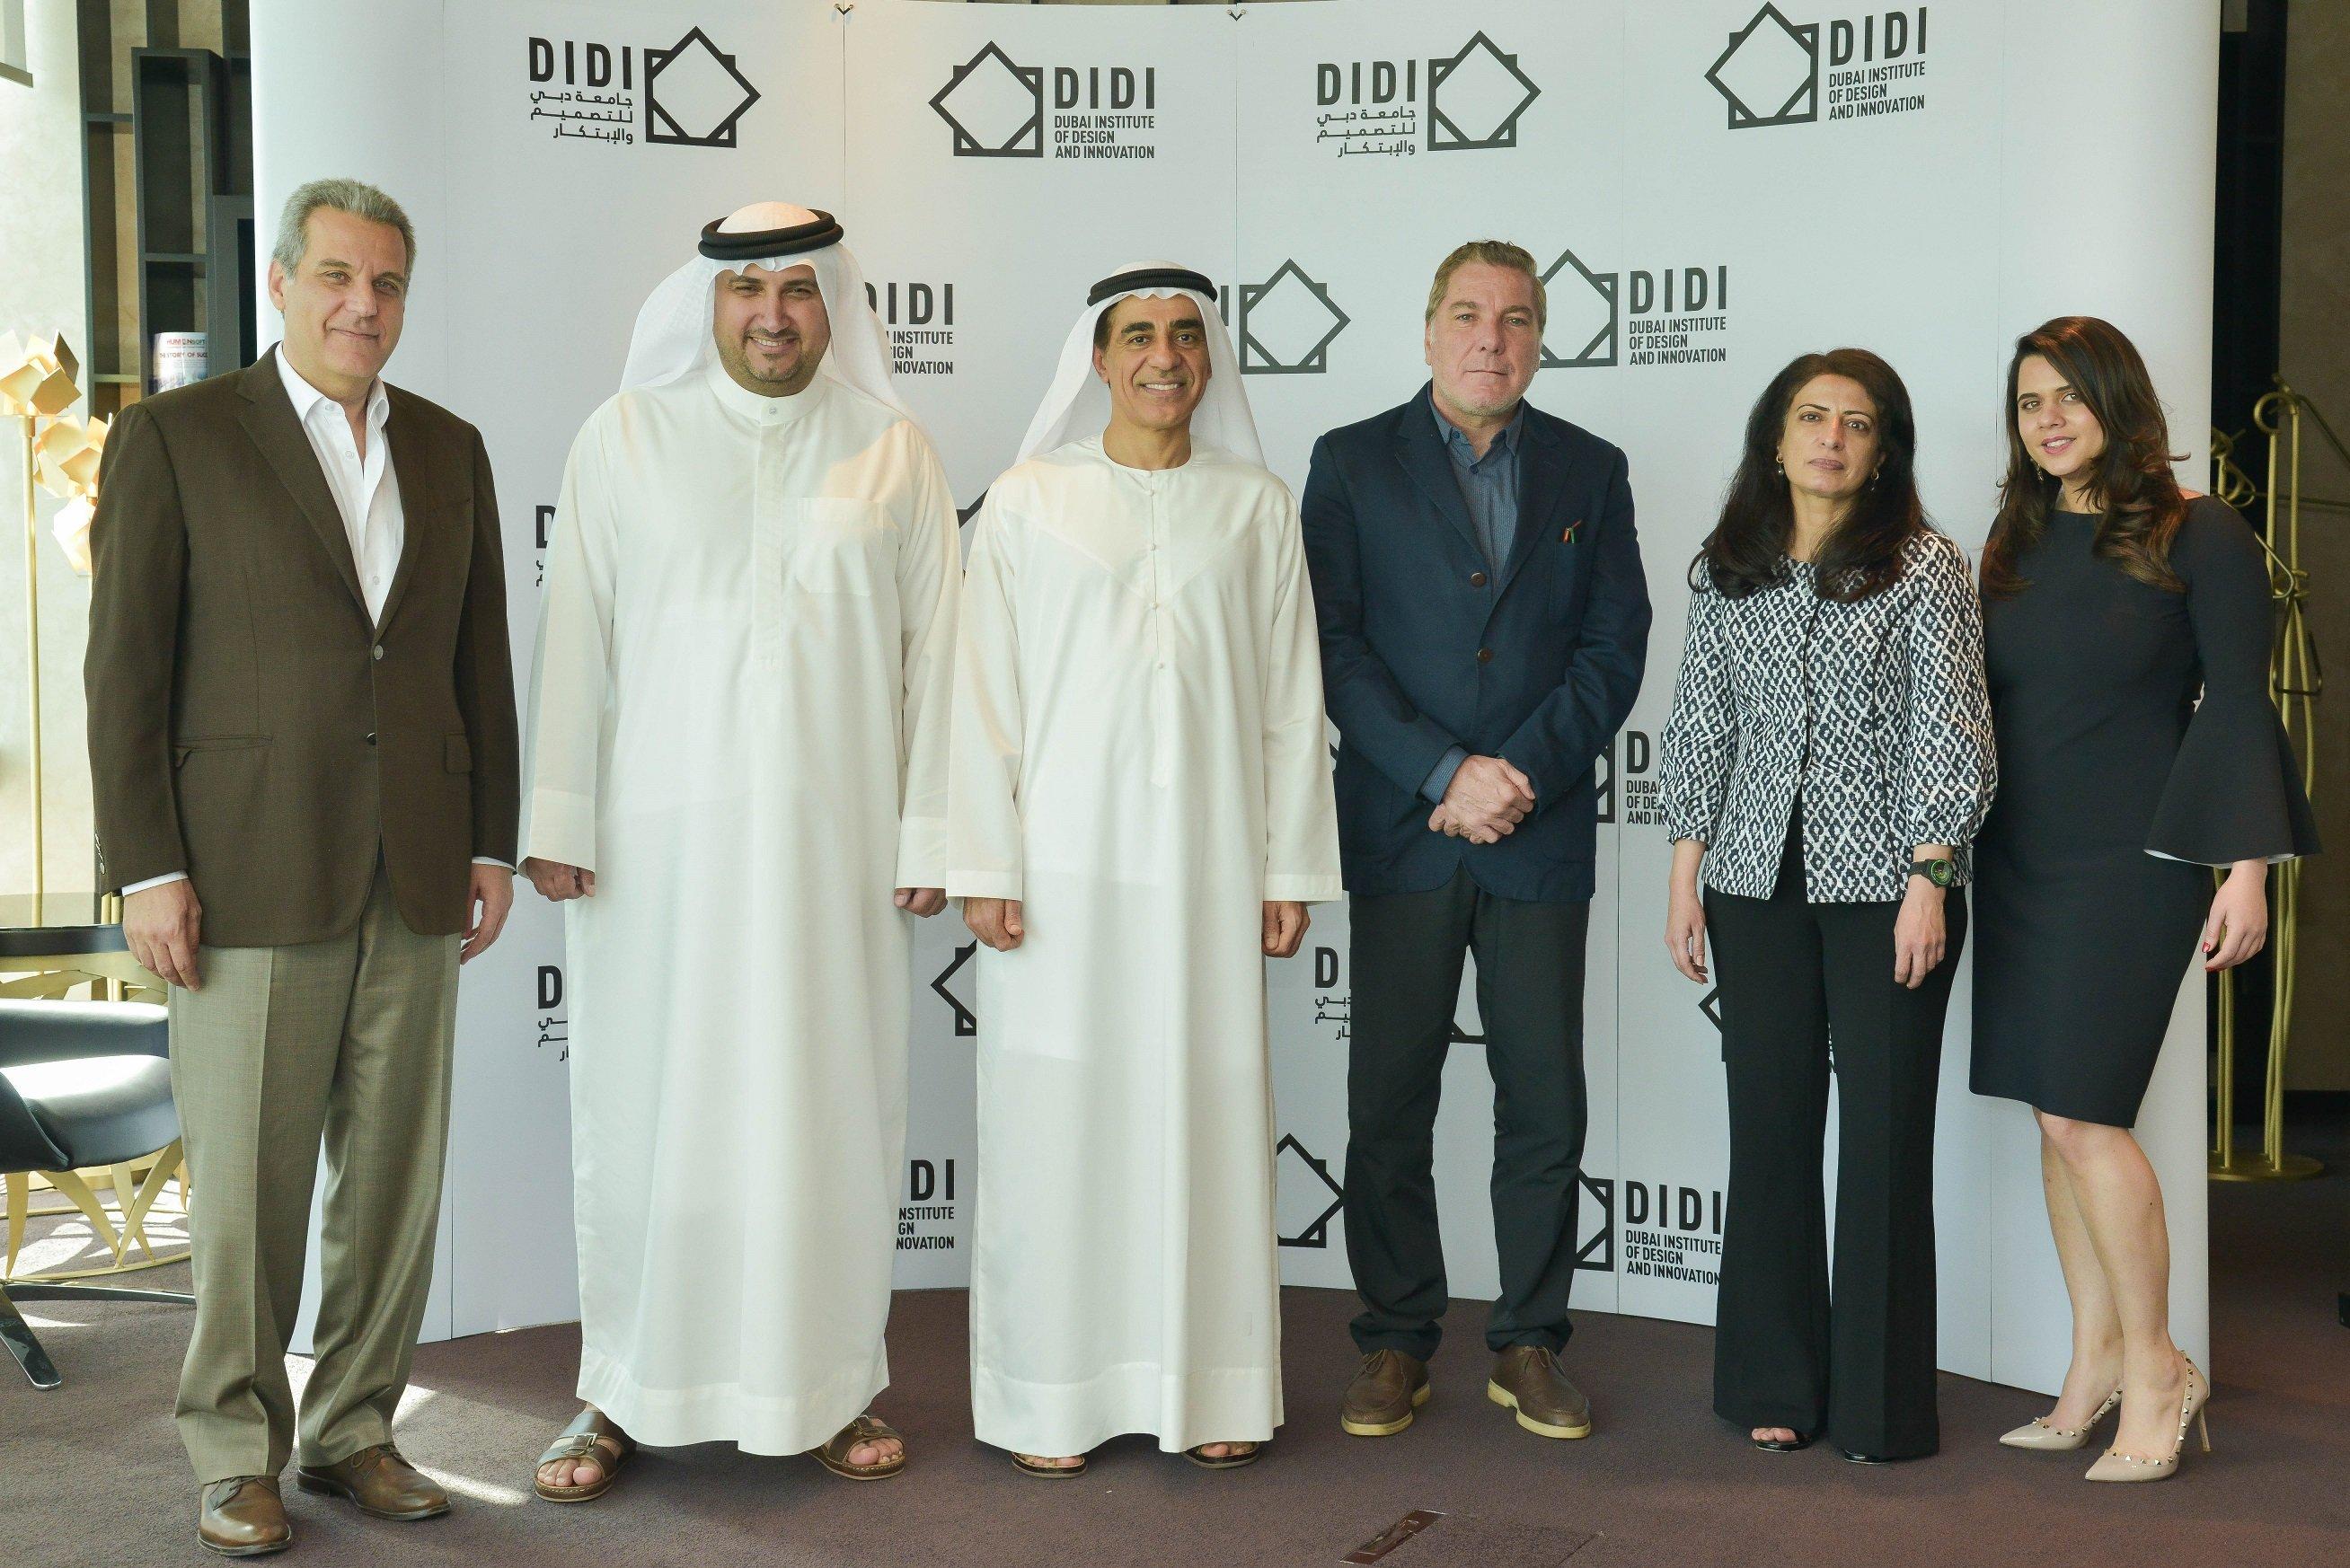 جامعة دبي للتصميم والابتكار تعلن عن أعضاء مجلس ادارتها